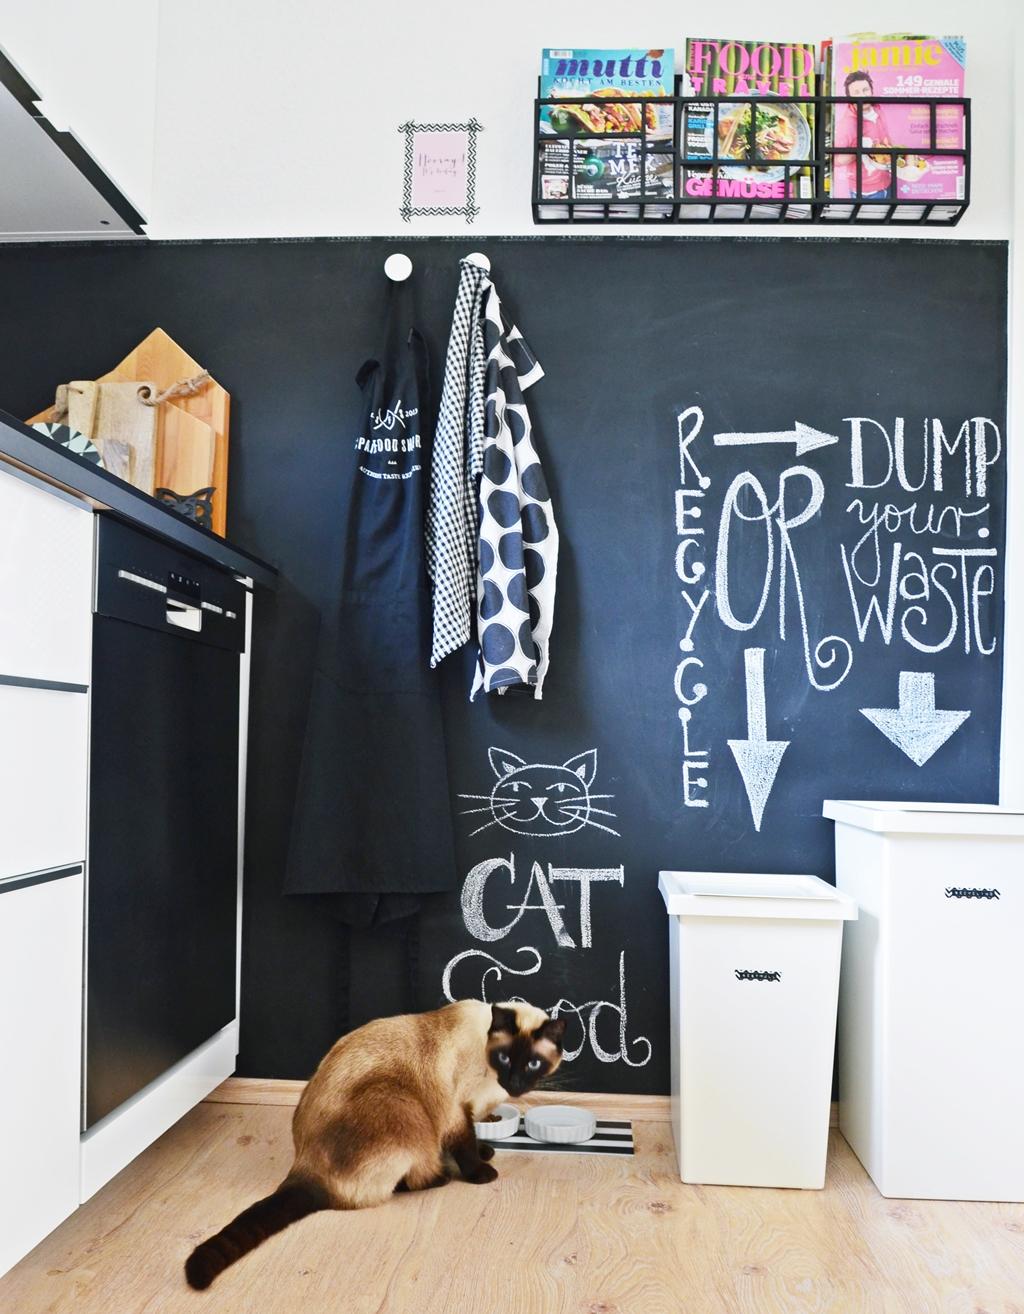 Full Size of Kchen Makeover Wasn Glanzstck Unsere Selbstgebaute Ikea Kche L Küche Mit Kochinsel Küchen Regal Inselküche Elektrogeräten Niederdruck Armatur Vorhänge Wohnzimmer Küche Selber Bauen Ikea